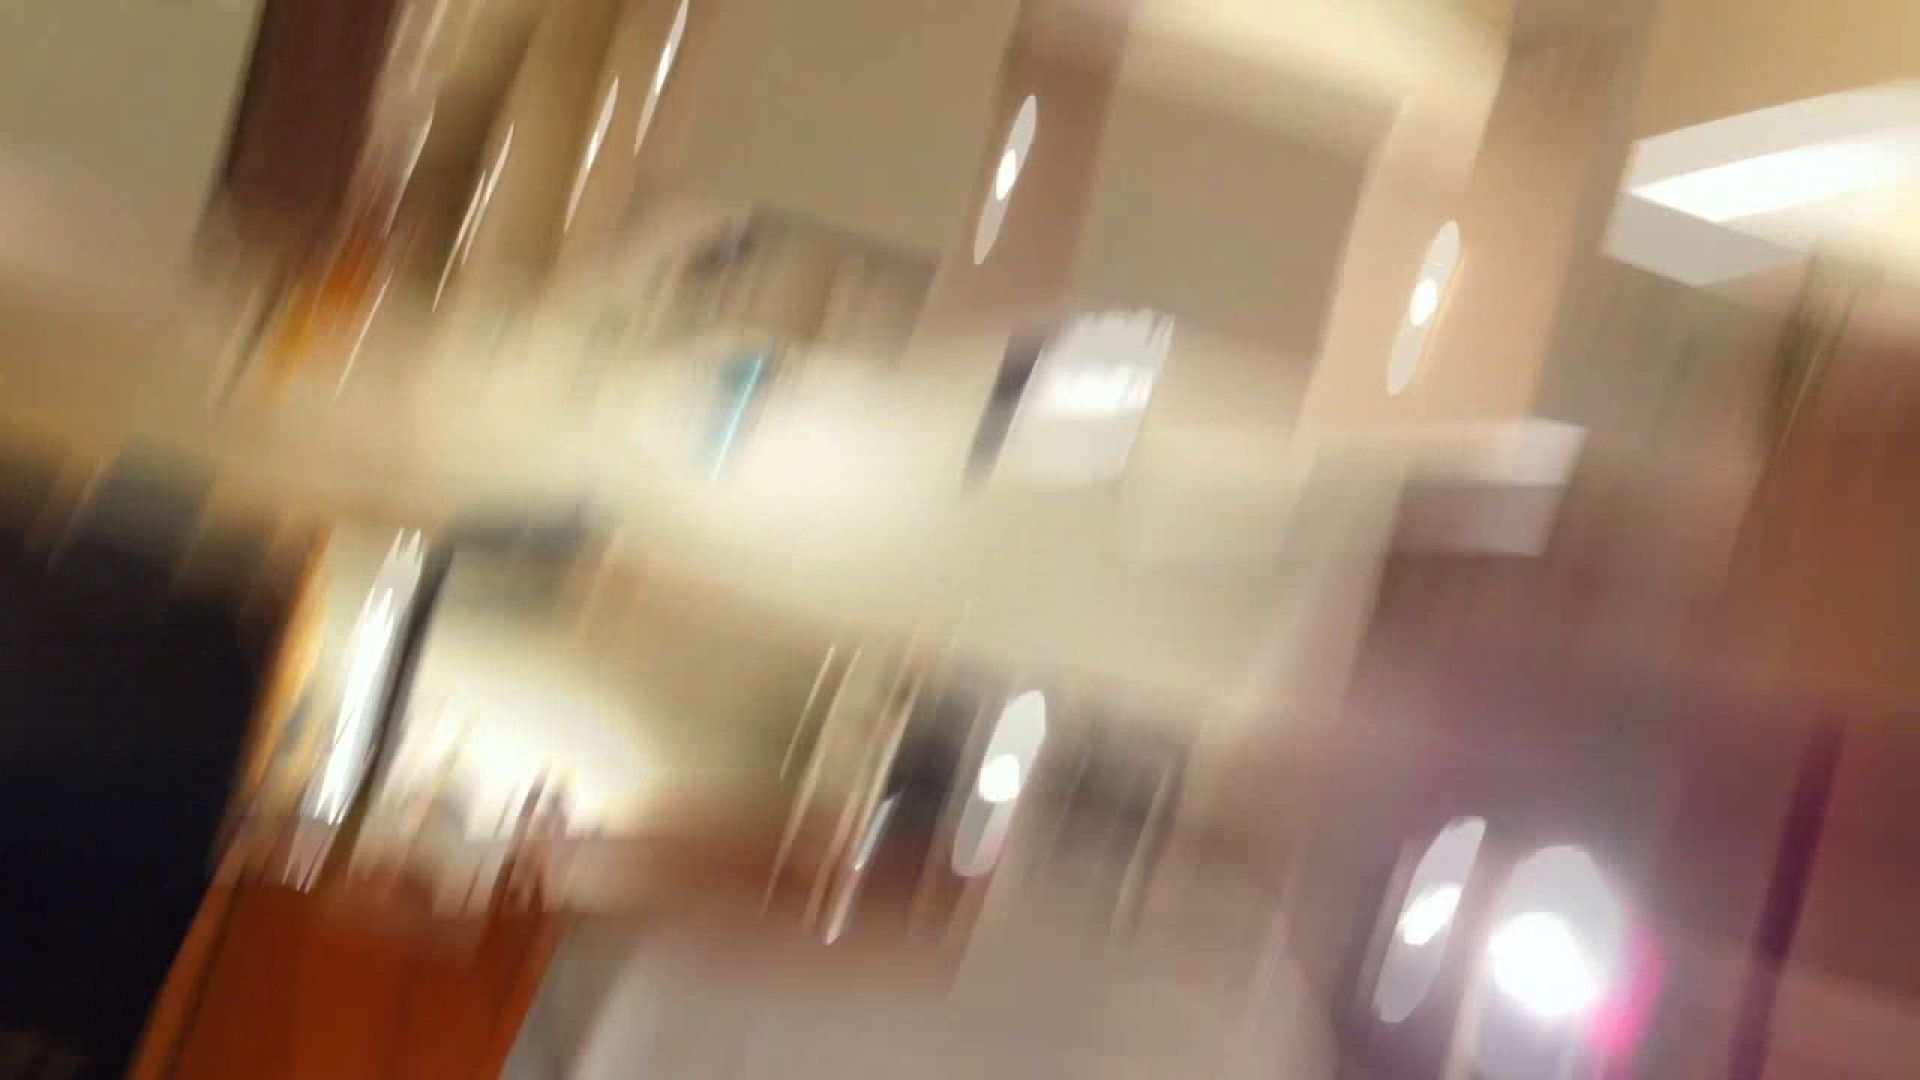 フルHD ショップ店員千人斬り! 大画面ノーカット完全版 vol.07 OLエロ画像 隠し撮りすけべAV動画紹介 109PICs 10